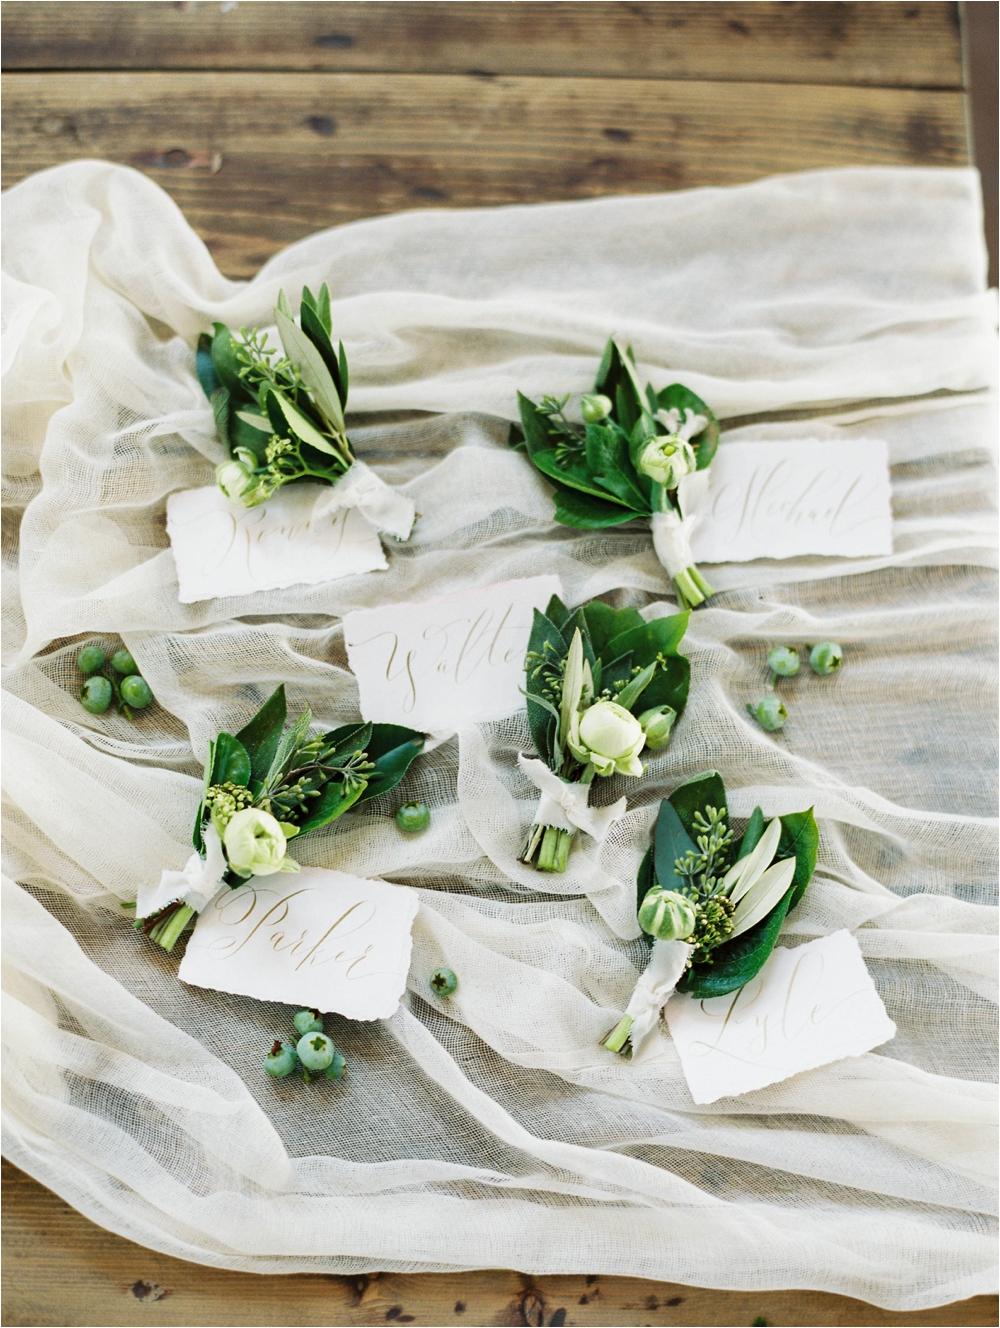 EberlyBrooksStyledShoot_candelaria designs wedding inspiration